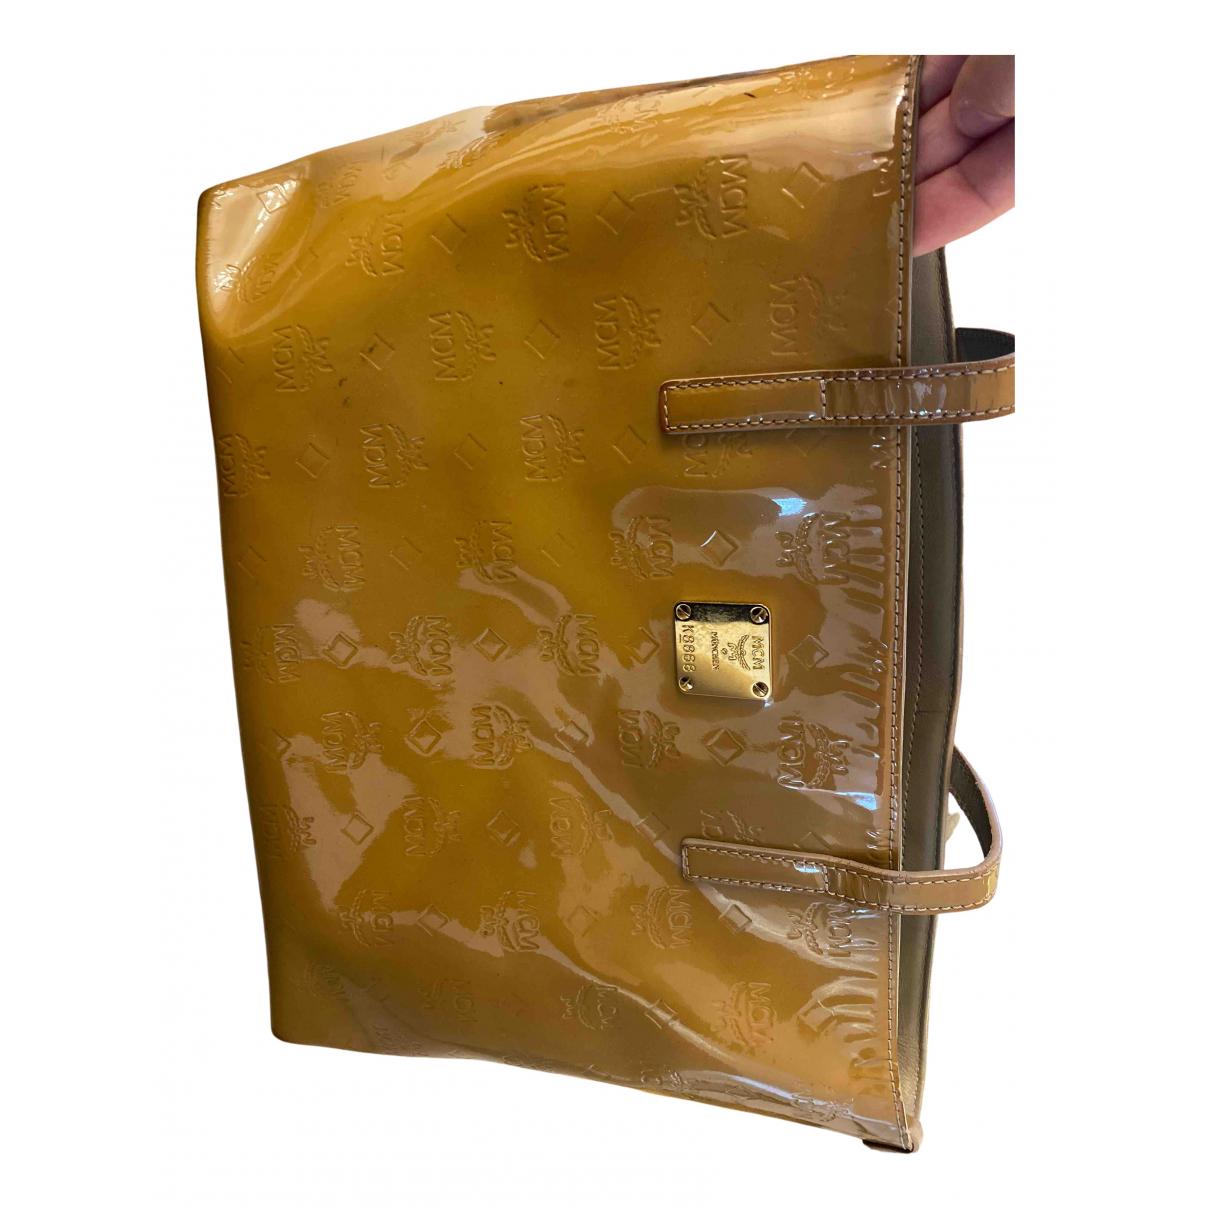 Mcm \N Handtasche in  Beige Lackleder